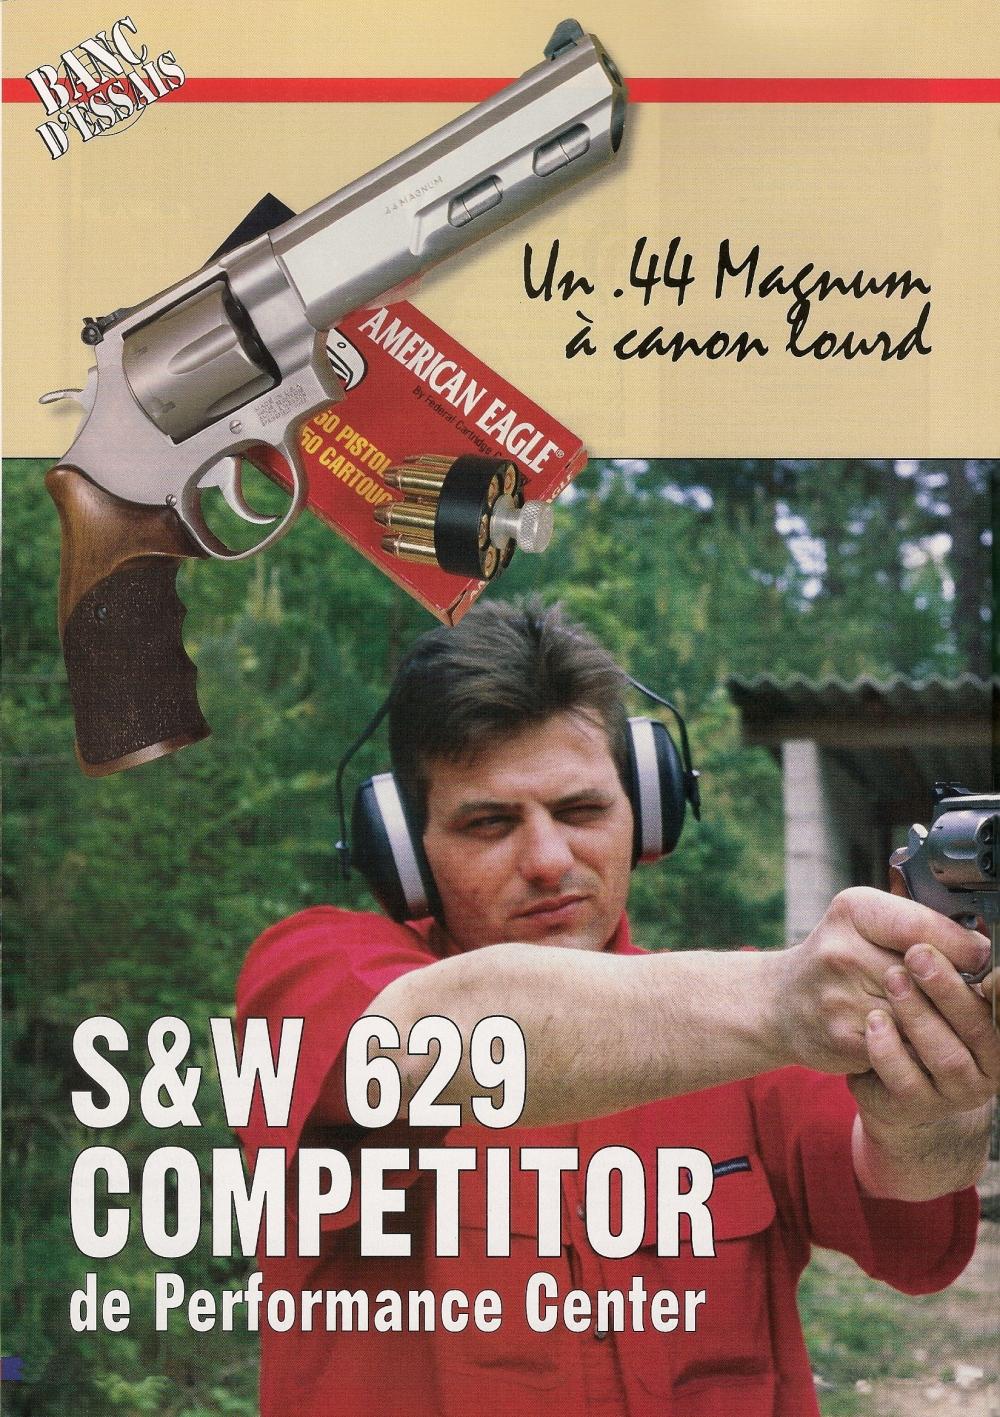 Performance Center, la branche custom du géant américain Smith & Wesson, propose une version « compétition » du modèle 629, le plus gros et le plus puissant revolver de la gamme.